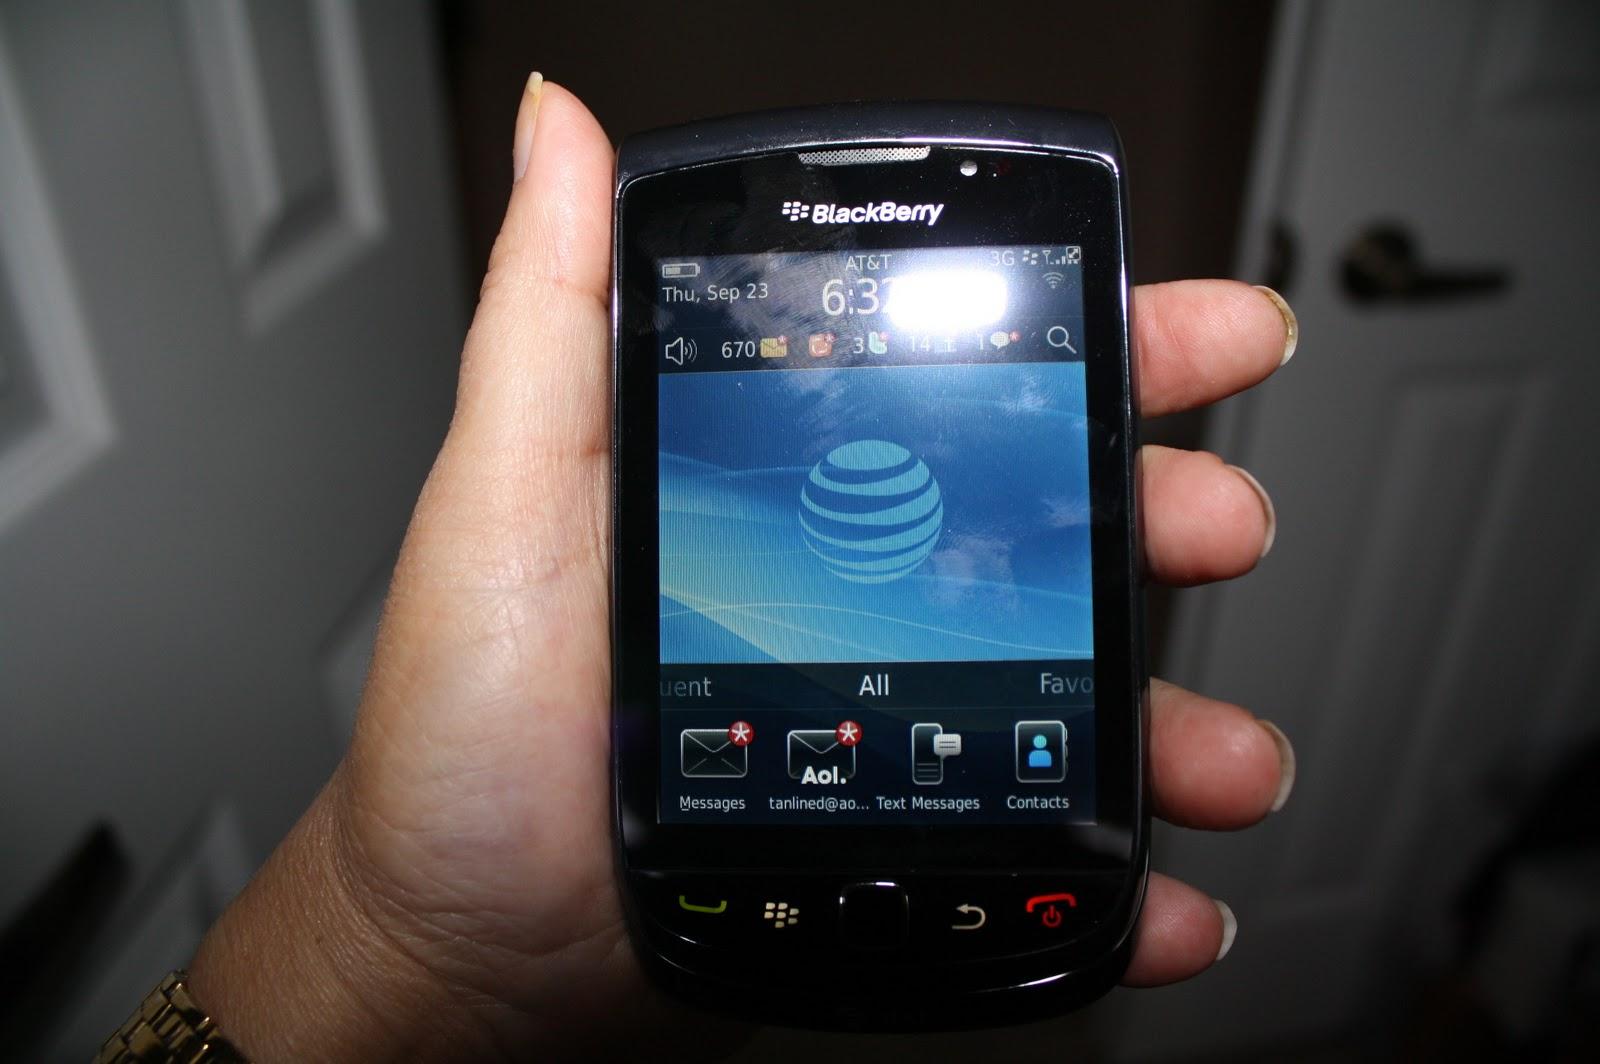 http://4.bp.blogspot.com/_dXfyONy10vk/TJ4J-SmwFOI/AAAAAAAAFyU/_sc-fNbgLAk/s1600/BlackBerry+Torch+001.jpg